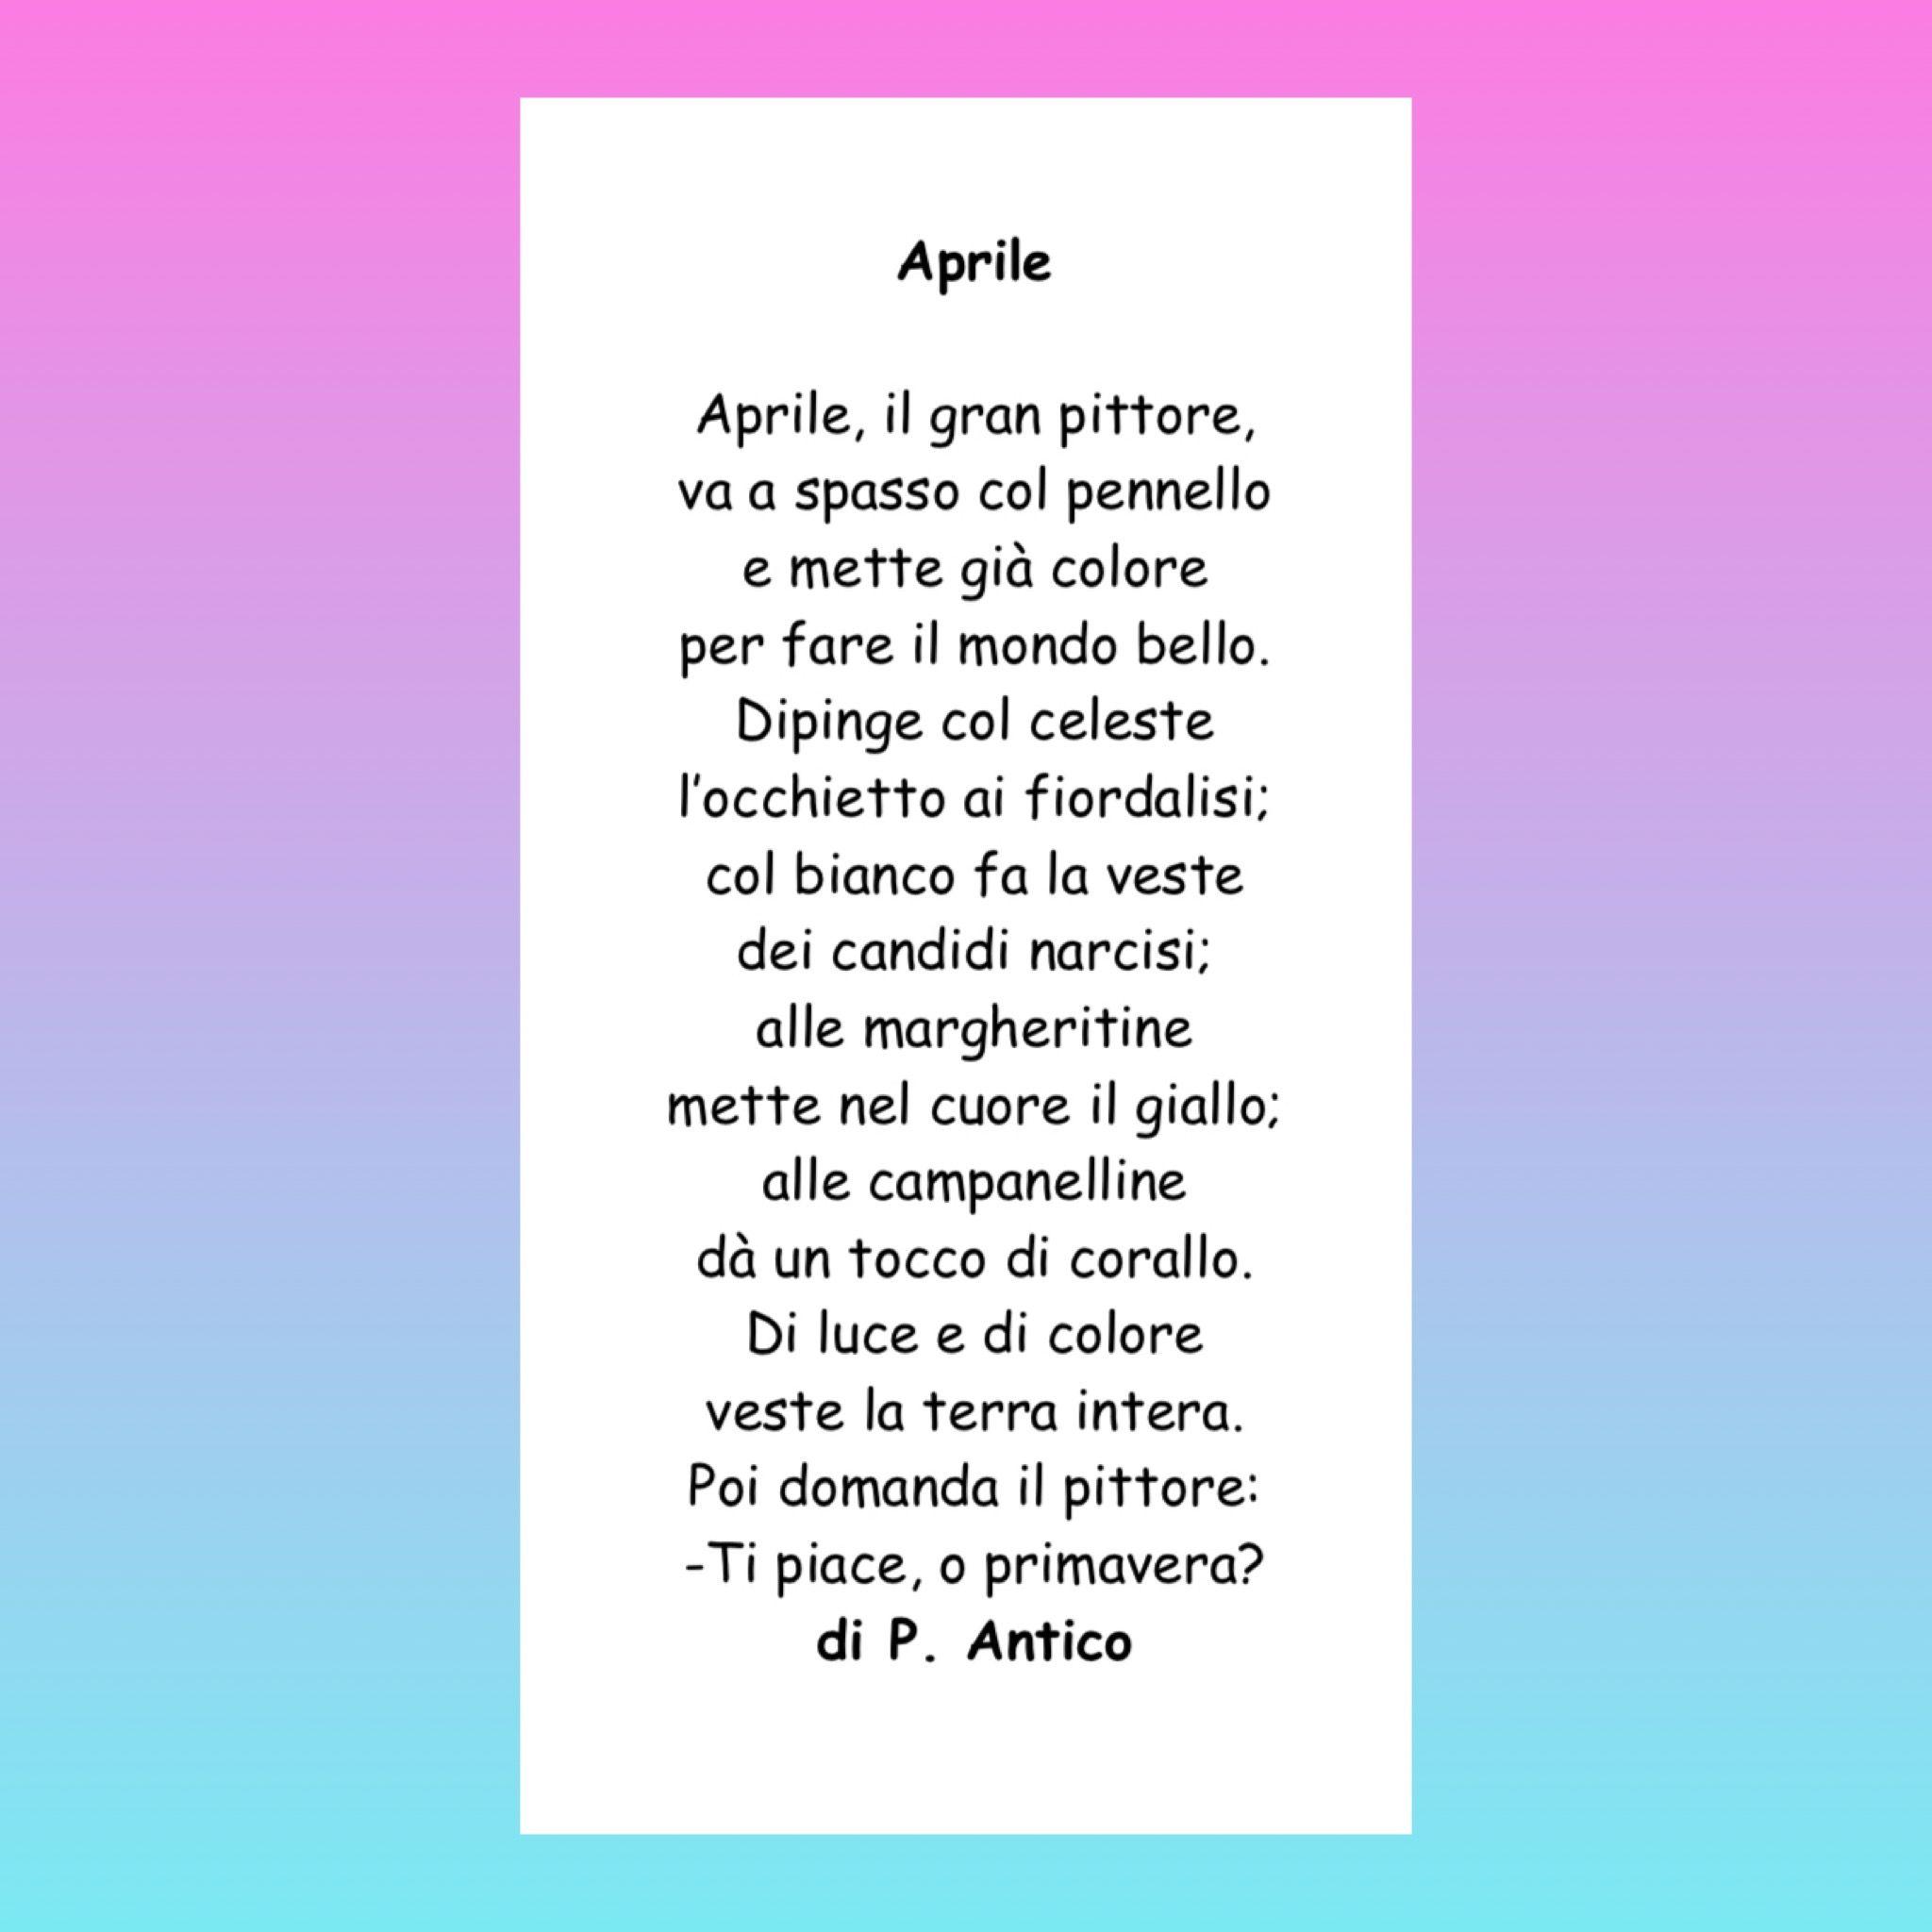 Raccolta Di Poesie Sulla Primavera Classe 2a Primavera Poesia E